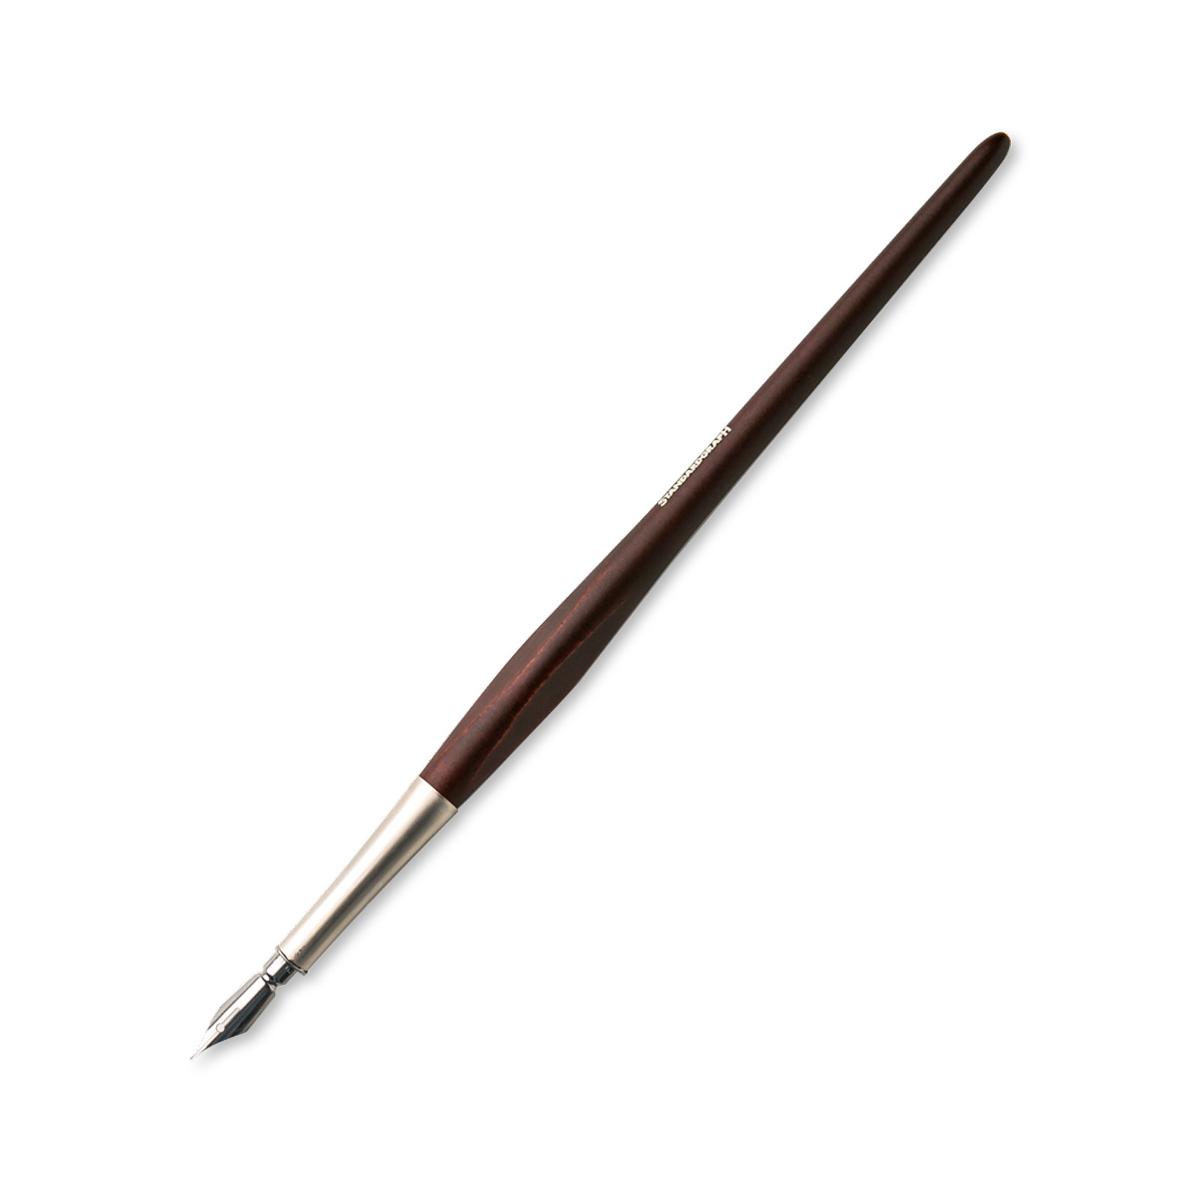 德国原产STANDARDGRAPH 木质笔杆 金属笔尖蘸墨钢笔 深棕色